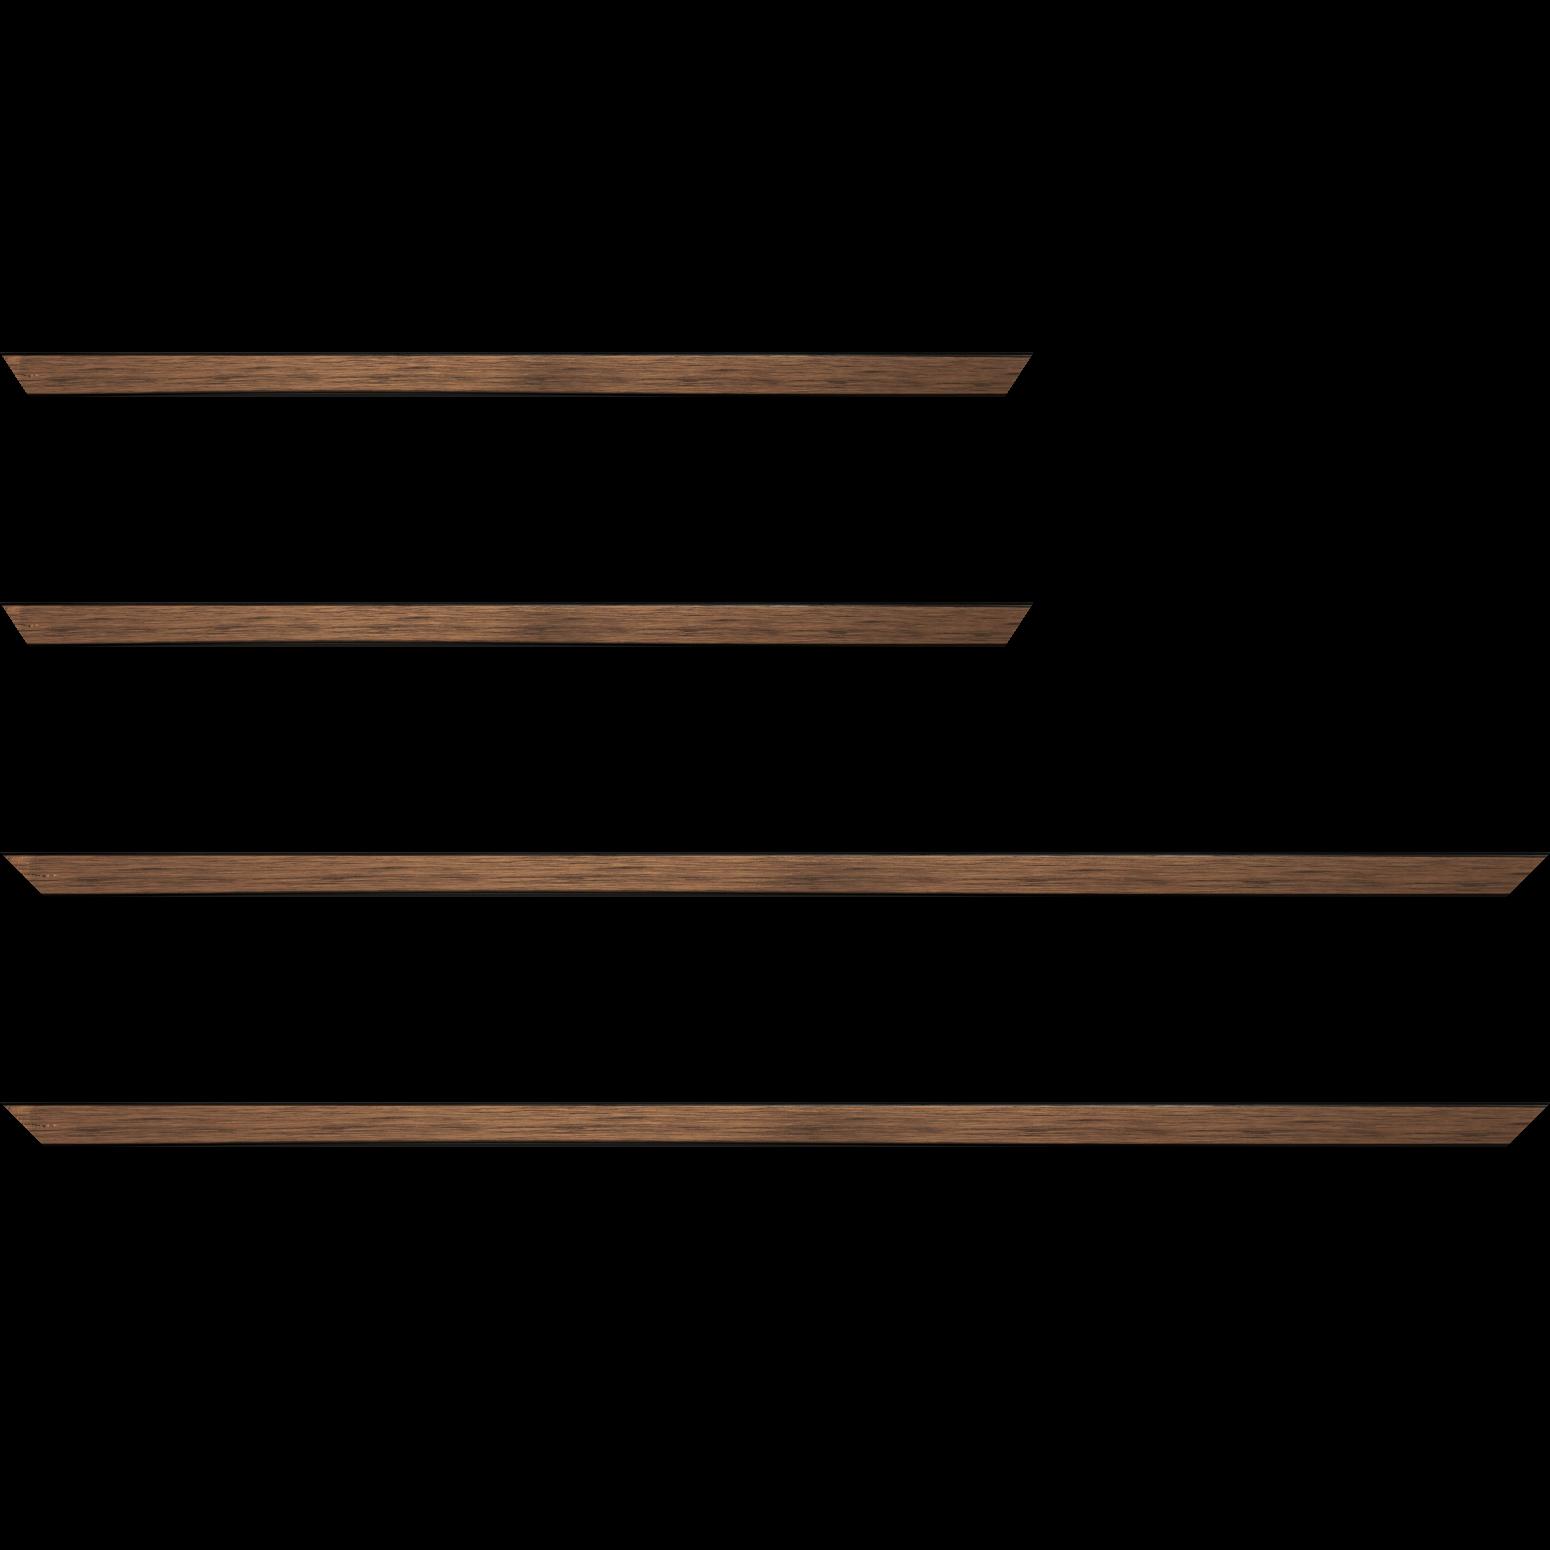 Baguette service précoupé Bois profil plat largeur 1.5cm couleur cuivre foncé